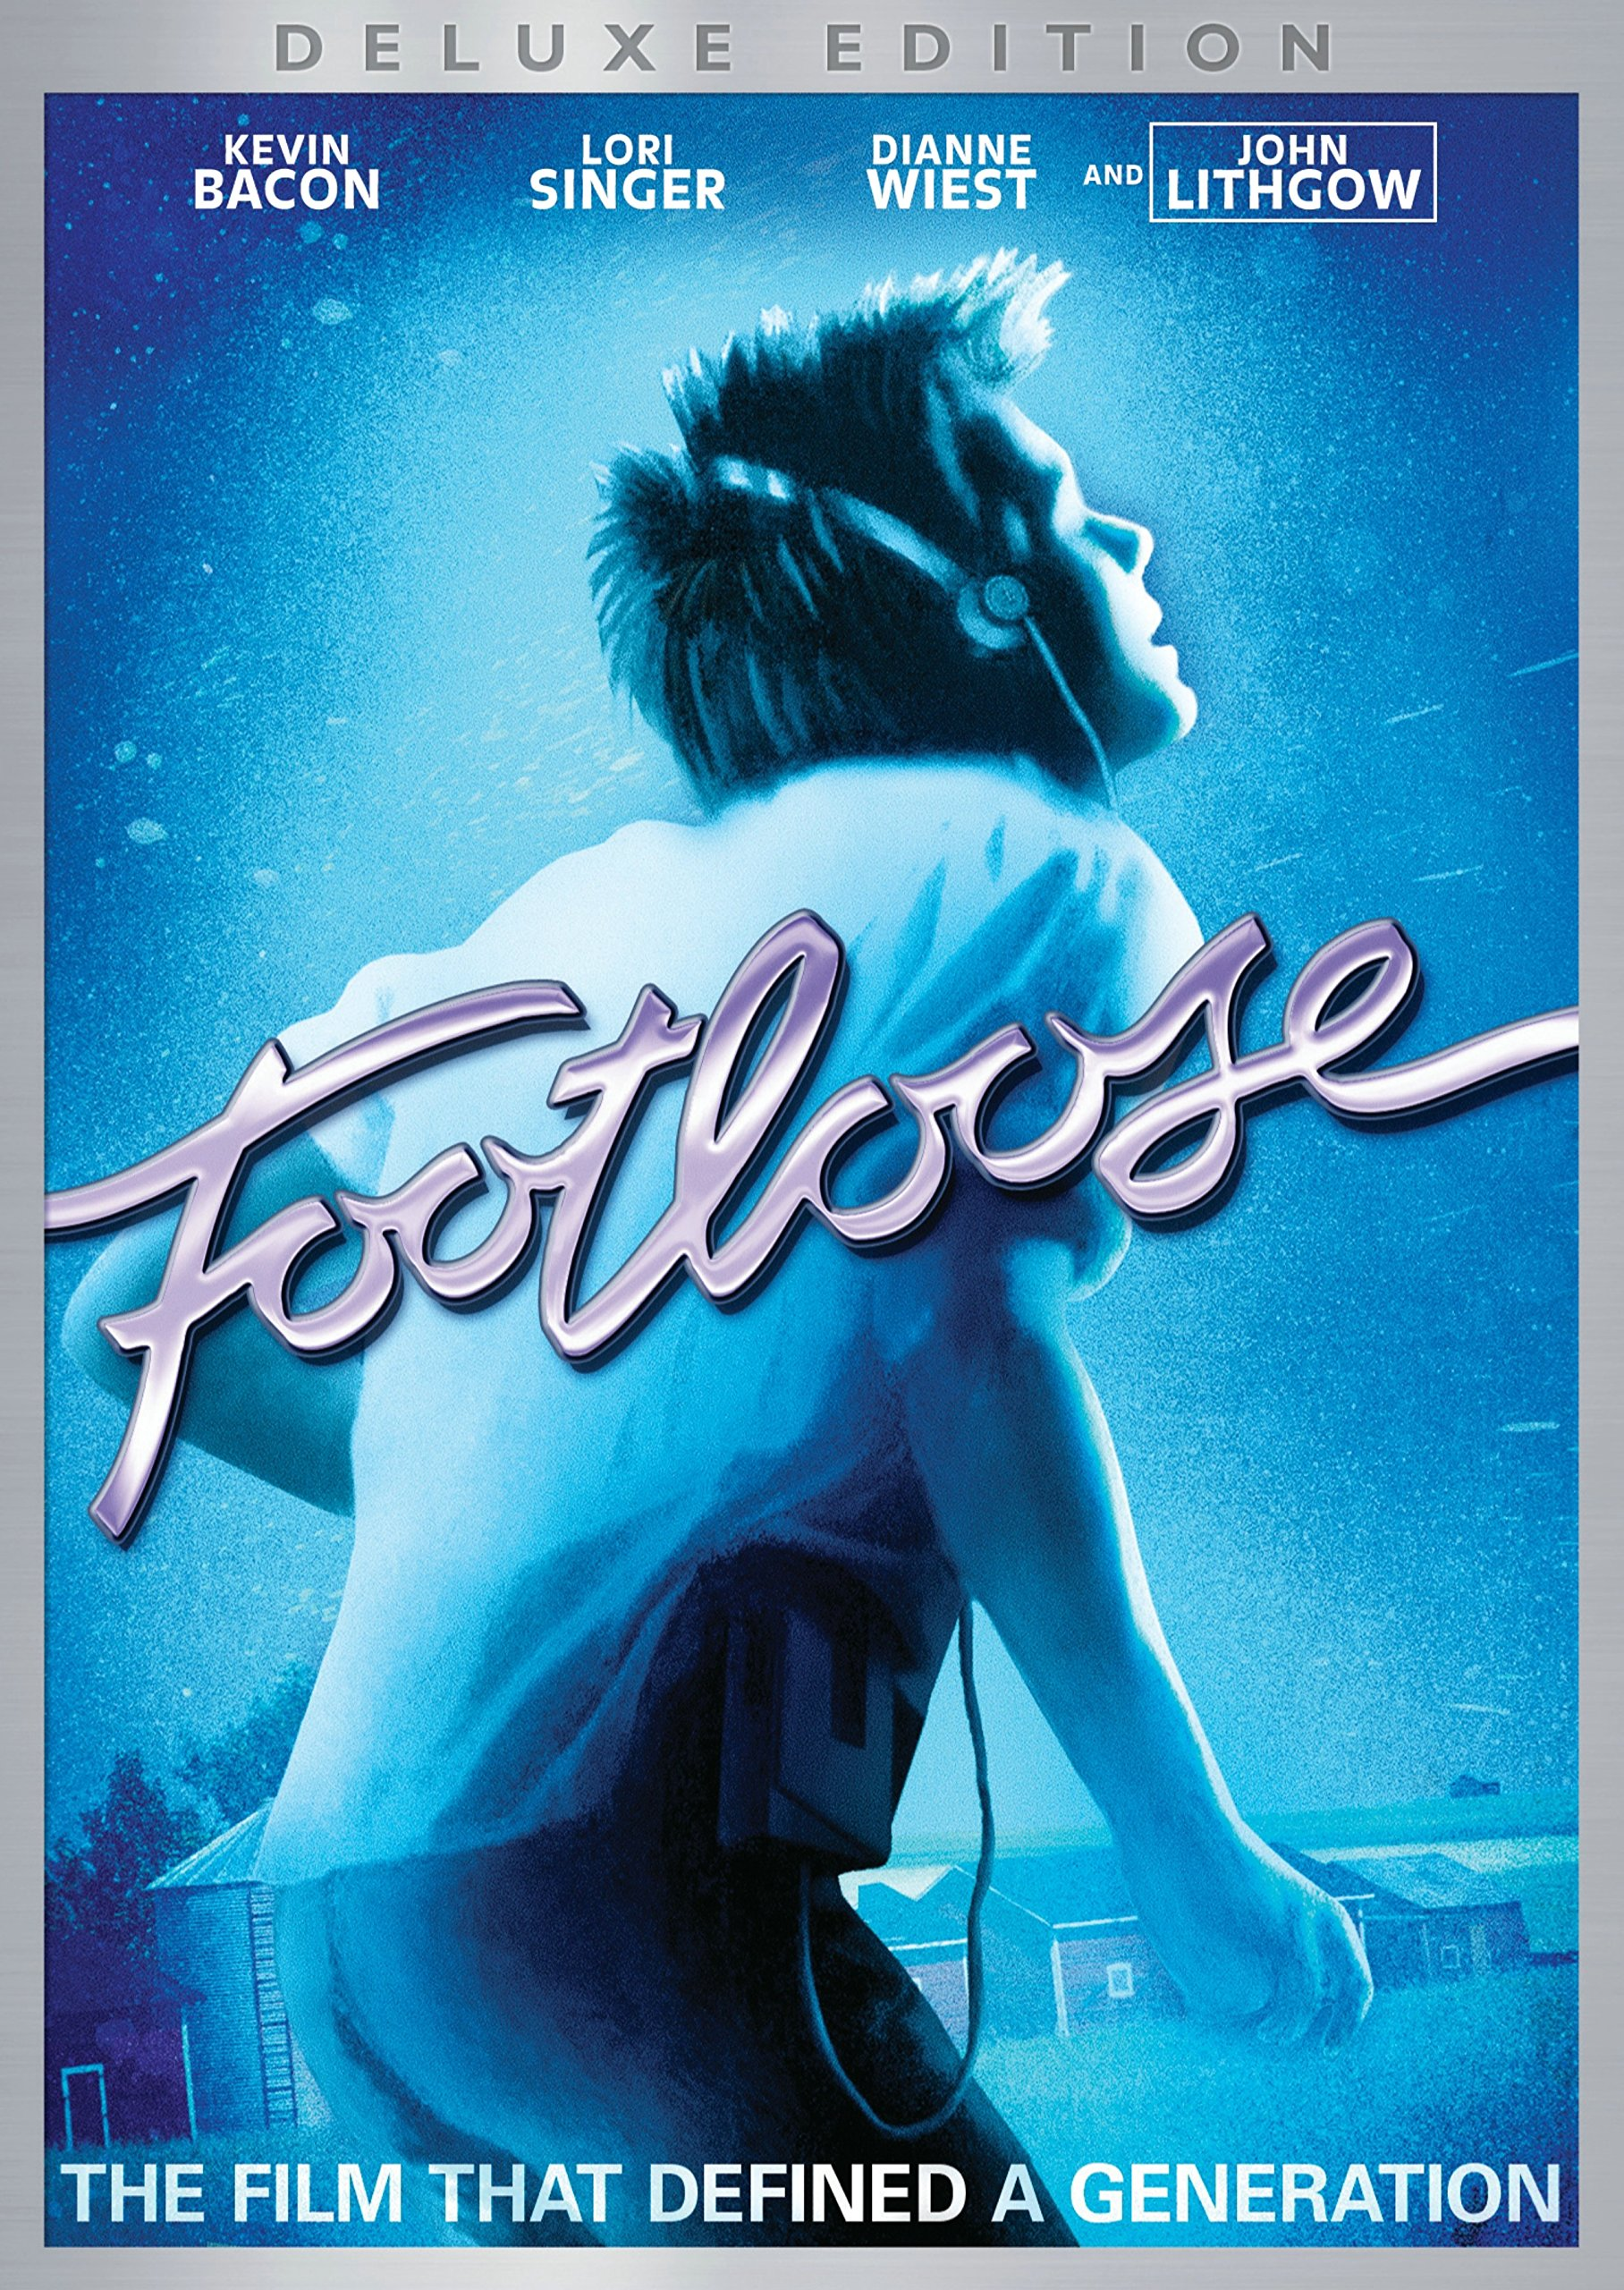 DVD : Footloose (DVD)